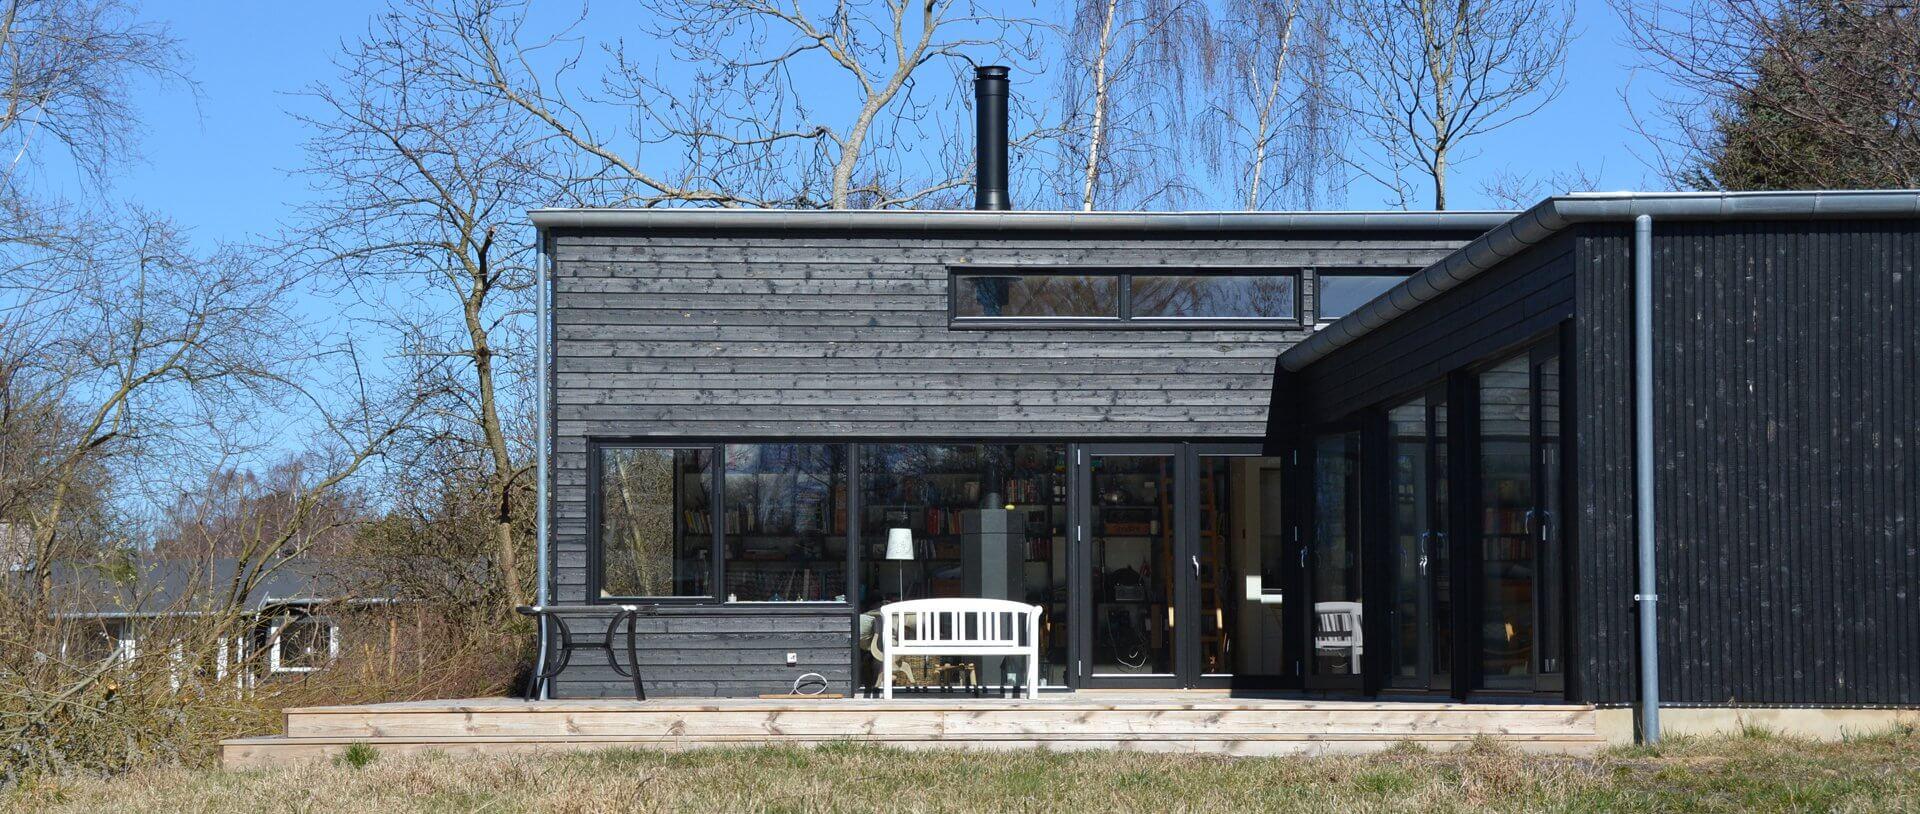 arkitekttegnet sommerhus sort træværk